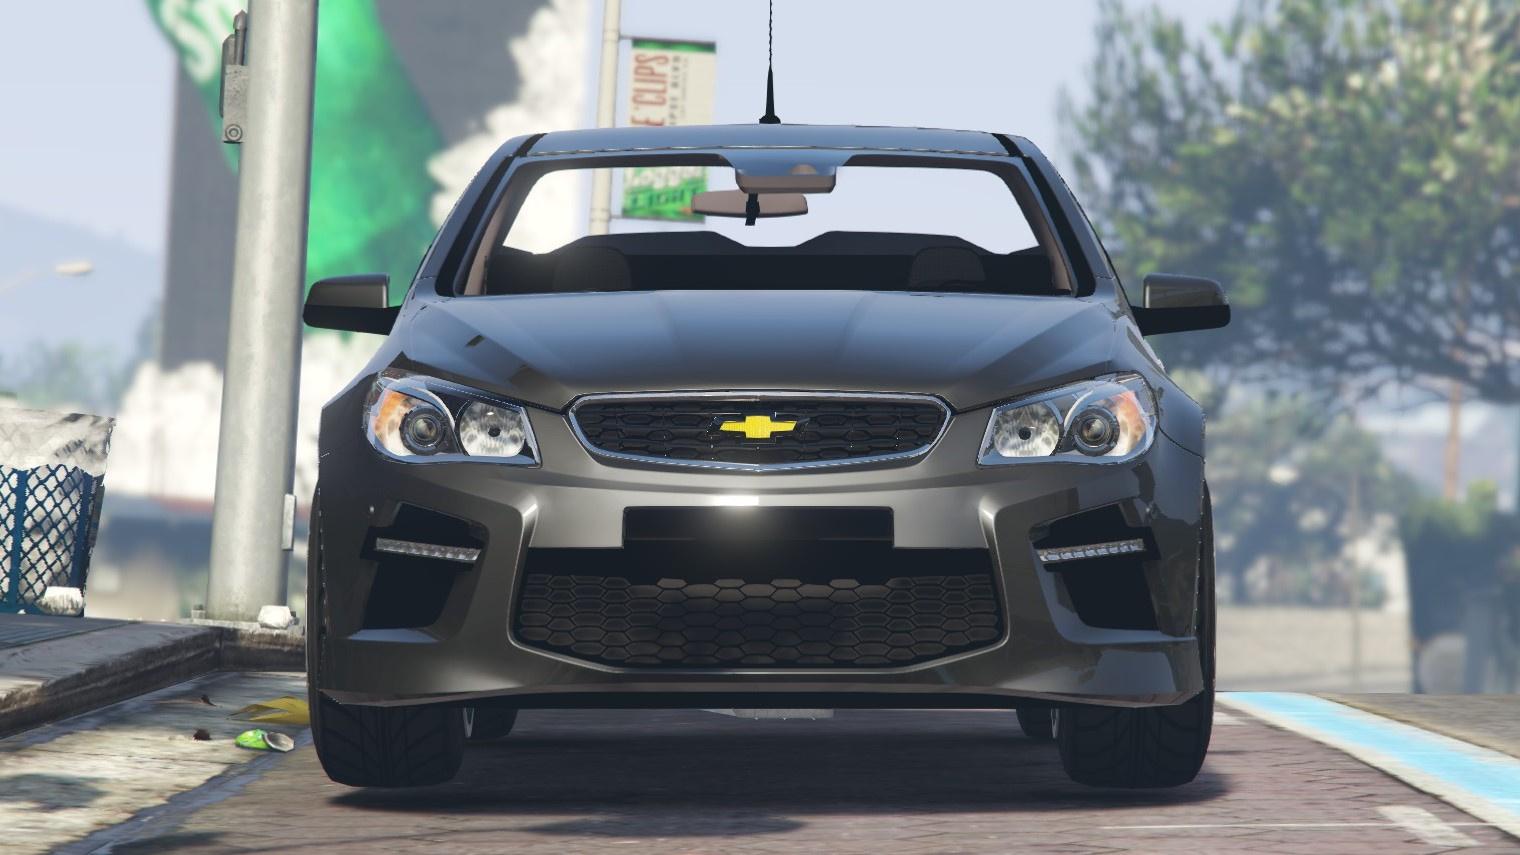 2014 Chevrolet El Camino SS [Replace] - GTA5-Mods com